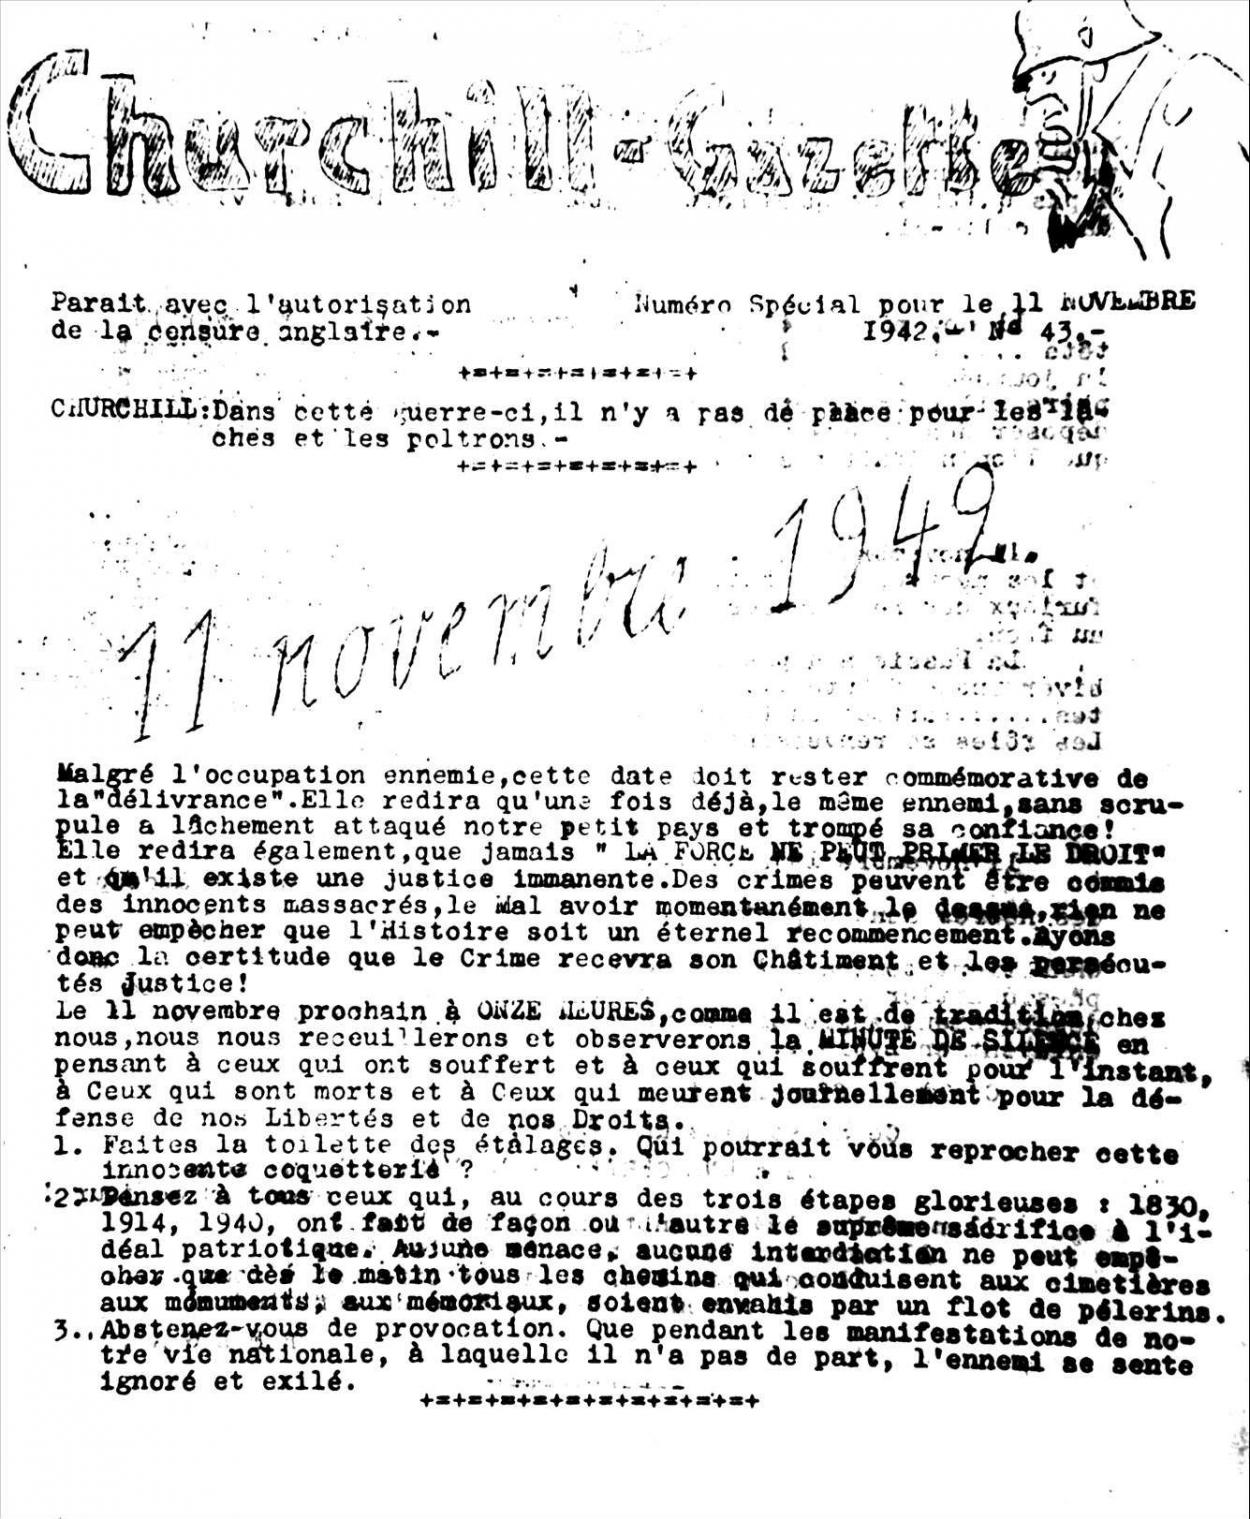 soma_bg96_1942-11-11_01_028-00001-churchill-gazette-11-11-1942.jpg